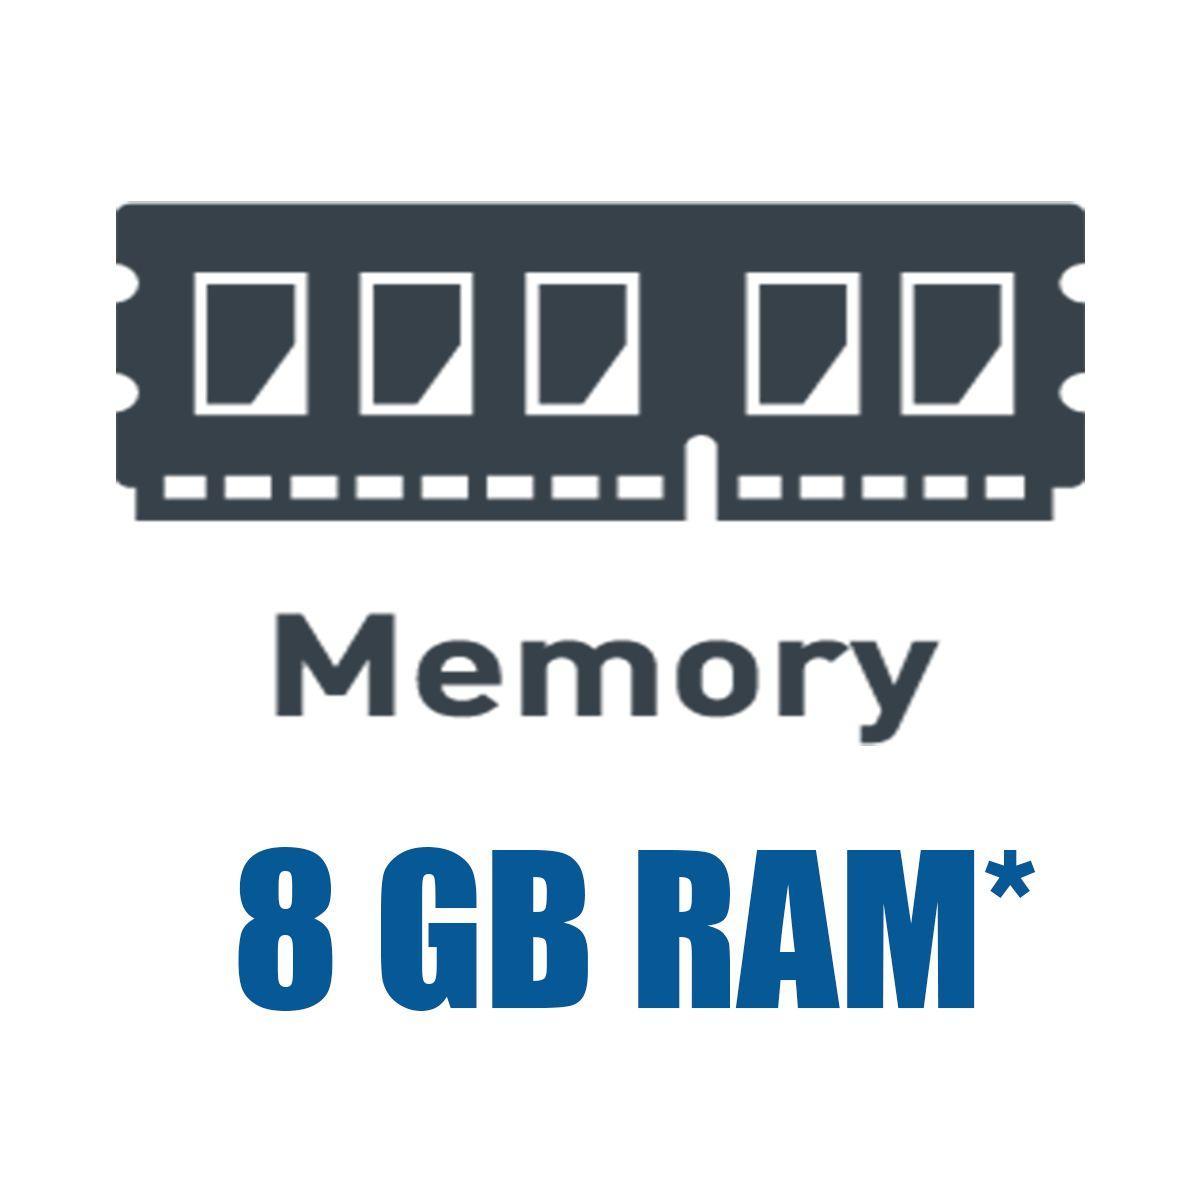 Модификация: Увеличение оперативной памяти на 8 GB